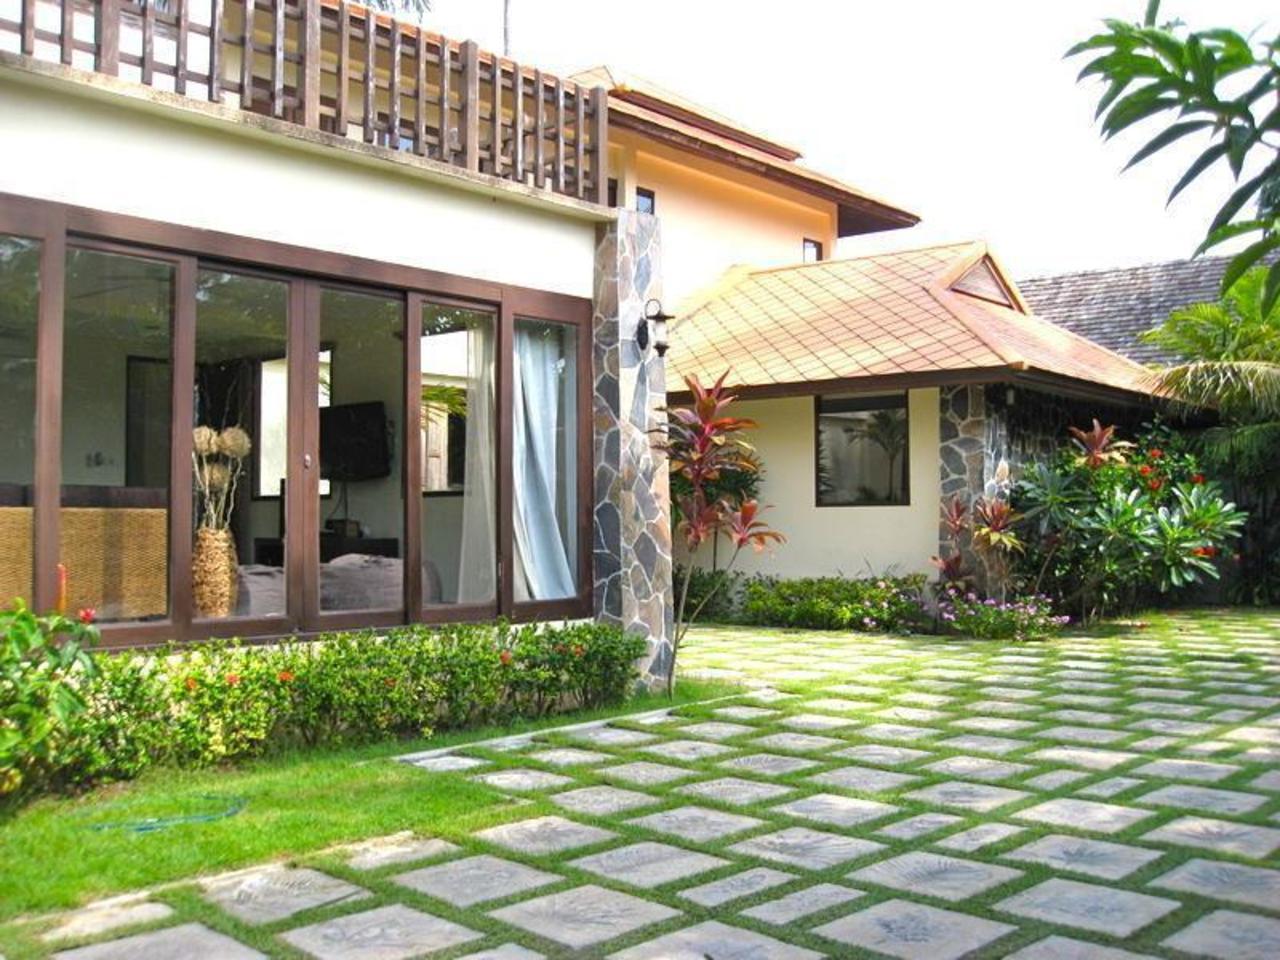 บ้านชบา ลักชัวรี ไพรเวท พูล วิลลา (Baan Chaba - Luxury Private Pool Villa)